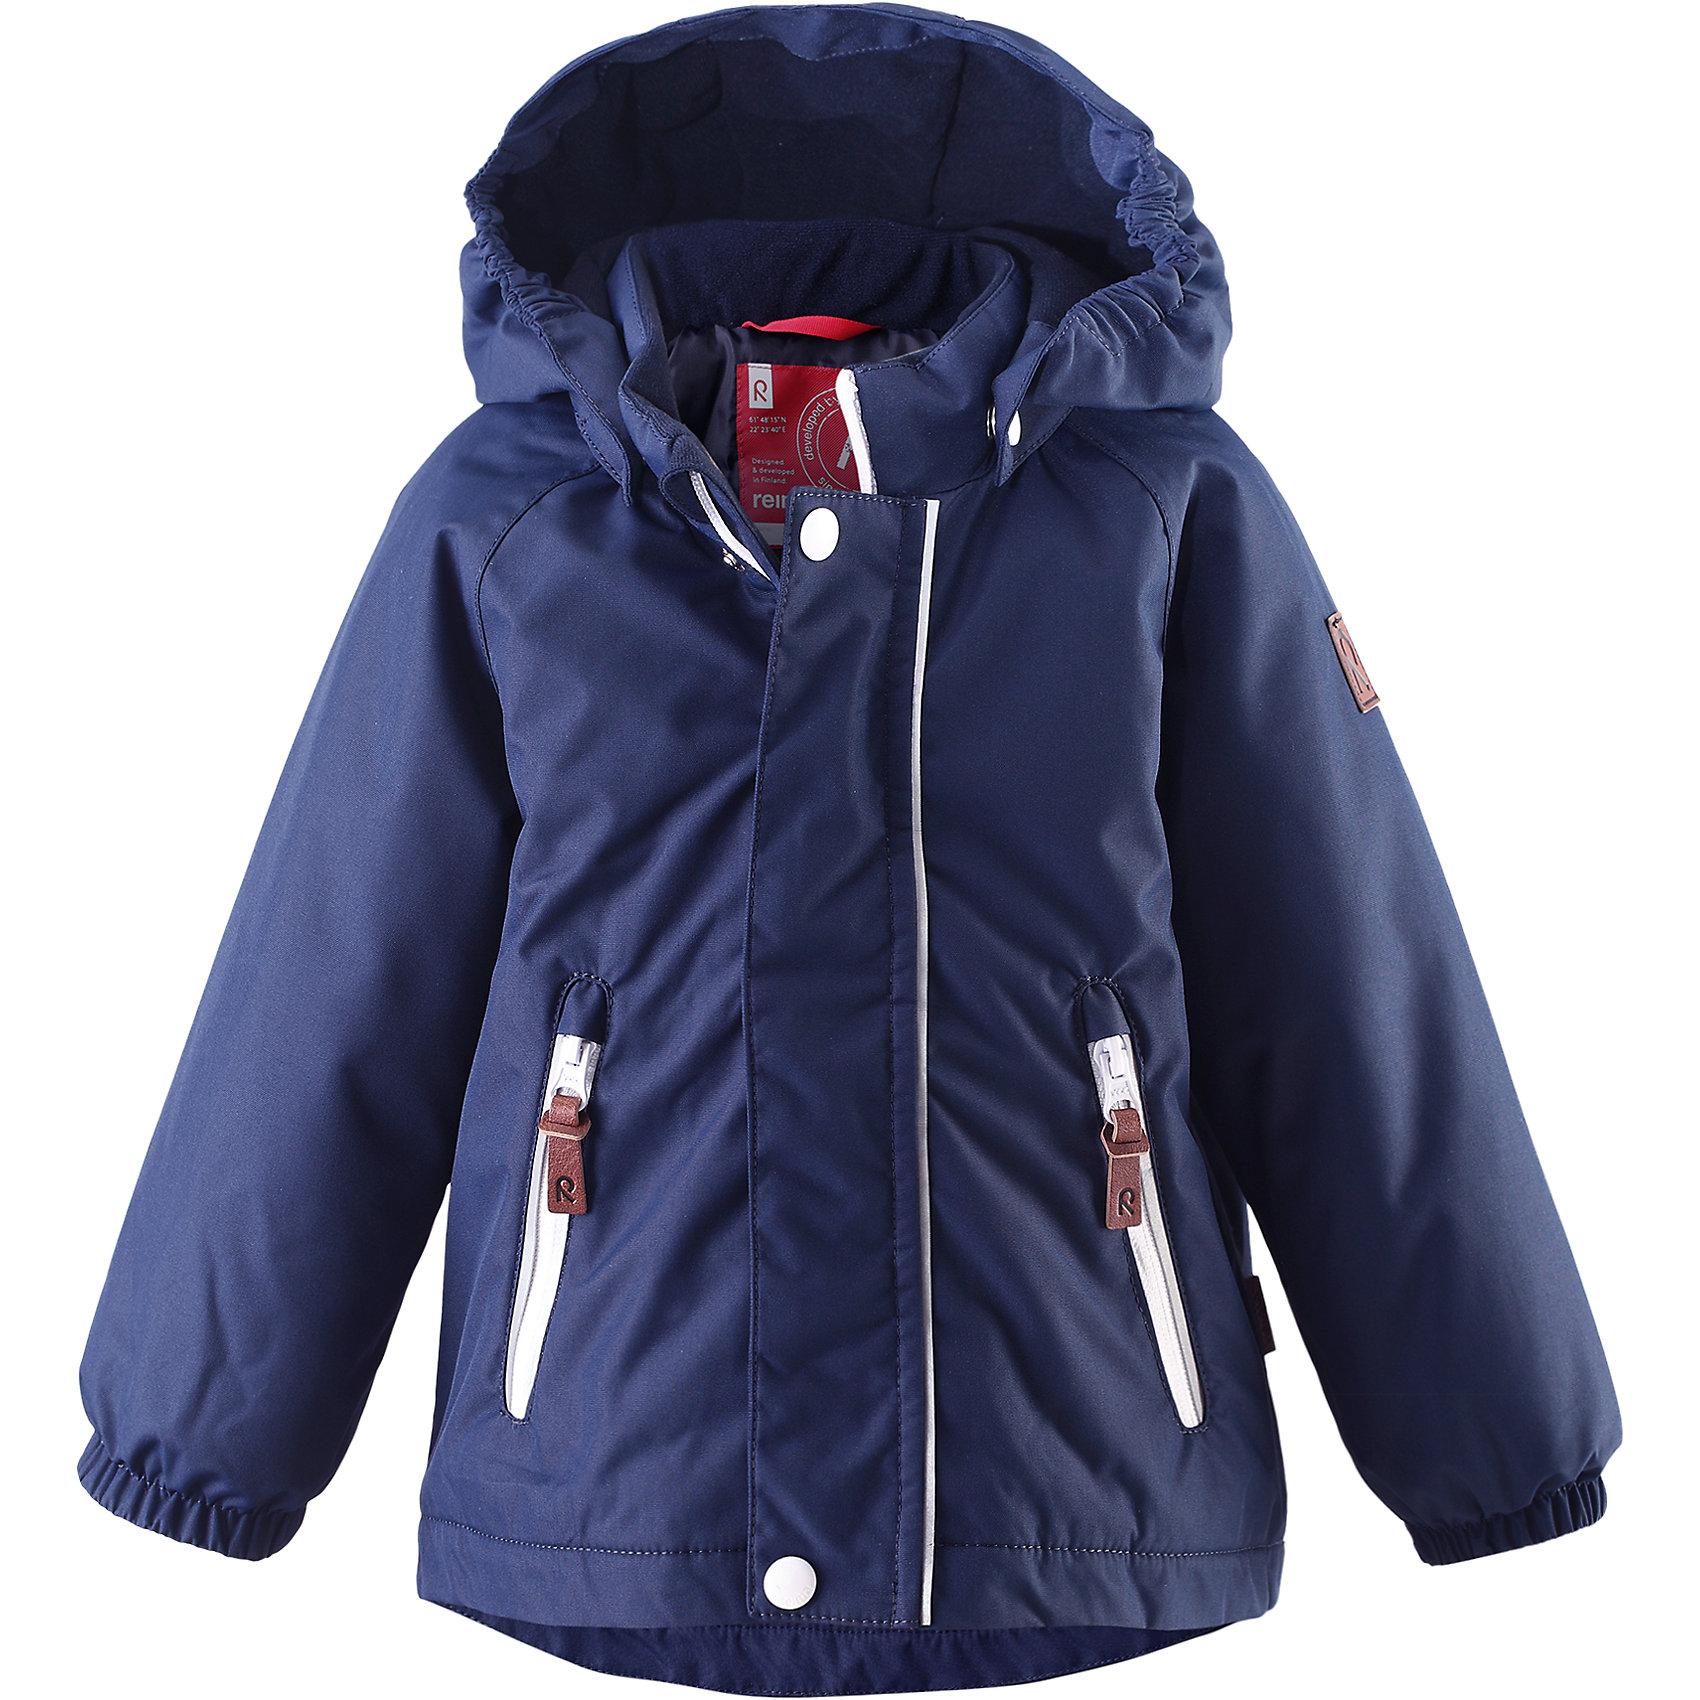 Куртка Shed для мальчика ReimaКуртка  Reima<br>Зимняя куртка для малышей. Основные швы проклеены и не пропускают влагу. Водо- и ветронепроницаемый, «дышащий» и грязеотталкивающий материал. Гладкая подкладка из полиэстра. Безопасный, съемный капюшон. Эластичные манжеты. Два кармана на молнии. Безопасные светоотражающие детали.<br>Утеплитель: Reima® Soft Loft insulation,160 g<br>Уход:<br>Стирать по отдельности, вывернув наизнанку. Застегнуть молнии и липучки. Стирать моющим средством, не содержащим отбеливающие вещества. Полоскать без специального средства. Во избежание изменения цвета изделие необходимо вынуть из стиральной машинки незамедлительно после окончания программы стирки. Сушить при низкой температуре.<br>Состав:<br>100% Полиамид, полиуретановое покрытие<br><br>Ширина мм: 449<br>Глубина мм: 359<br>Высота мм: 106<br>Вес г: 448<br>Цвет: синий<br>Возраст от месяцев: 12<br>Возраст до месяцев: 18<br>Пол: Мужской<br>Возраст: Детский<br>Размер: 92,80,98,86<br>SKU: 4775996